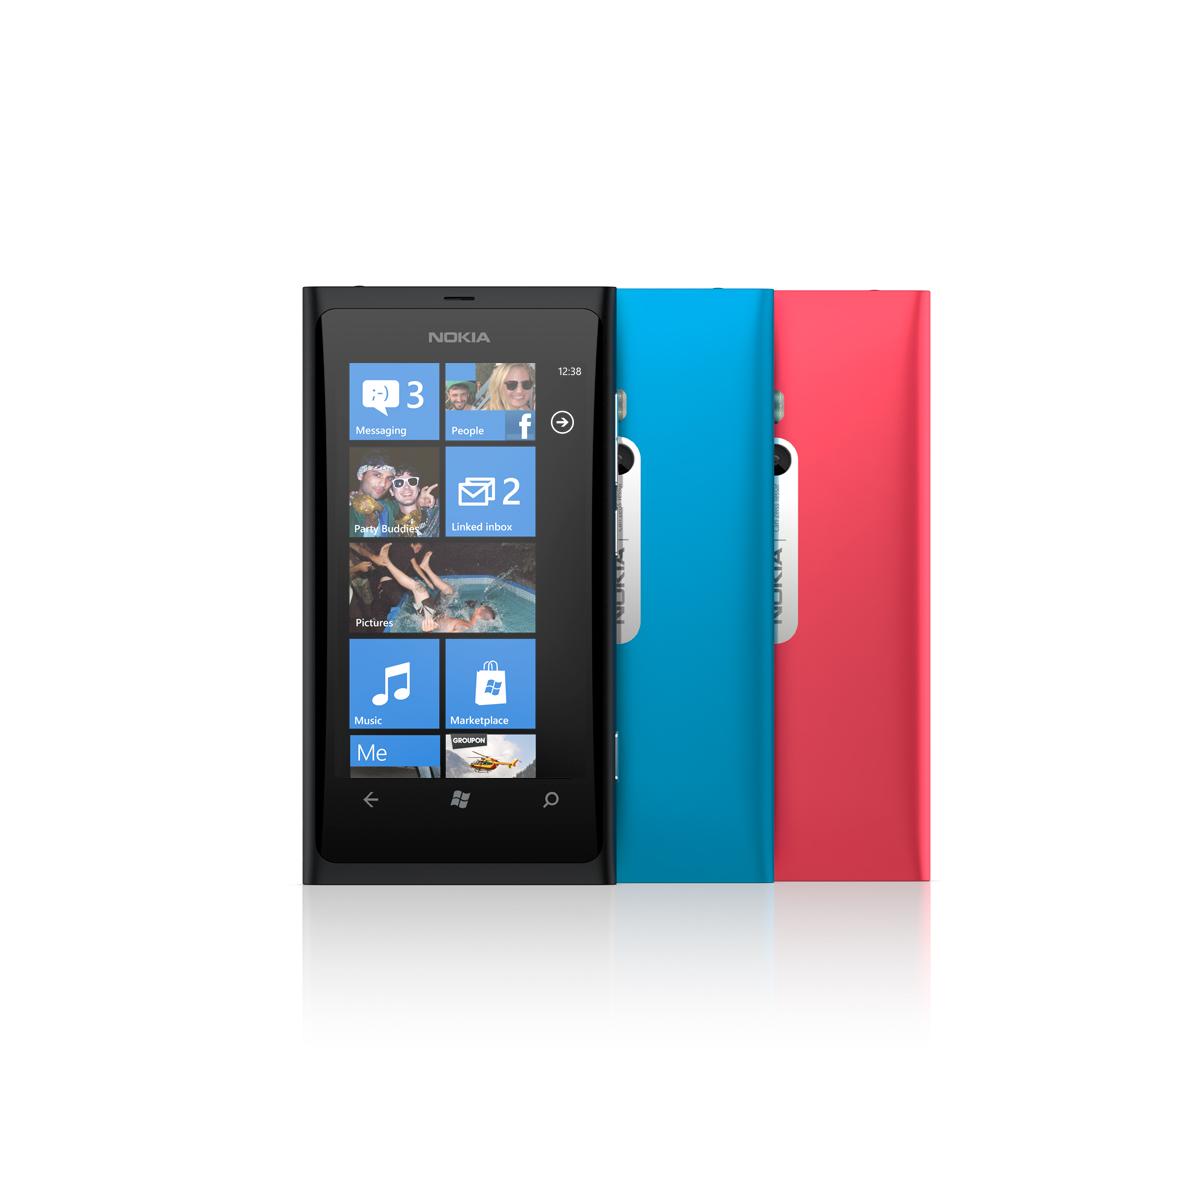 Nokia Lumia 800 kaufen